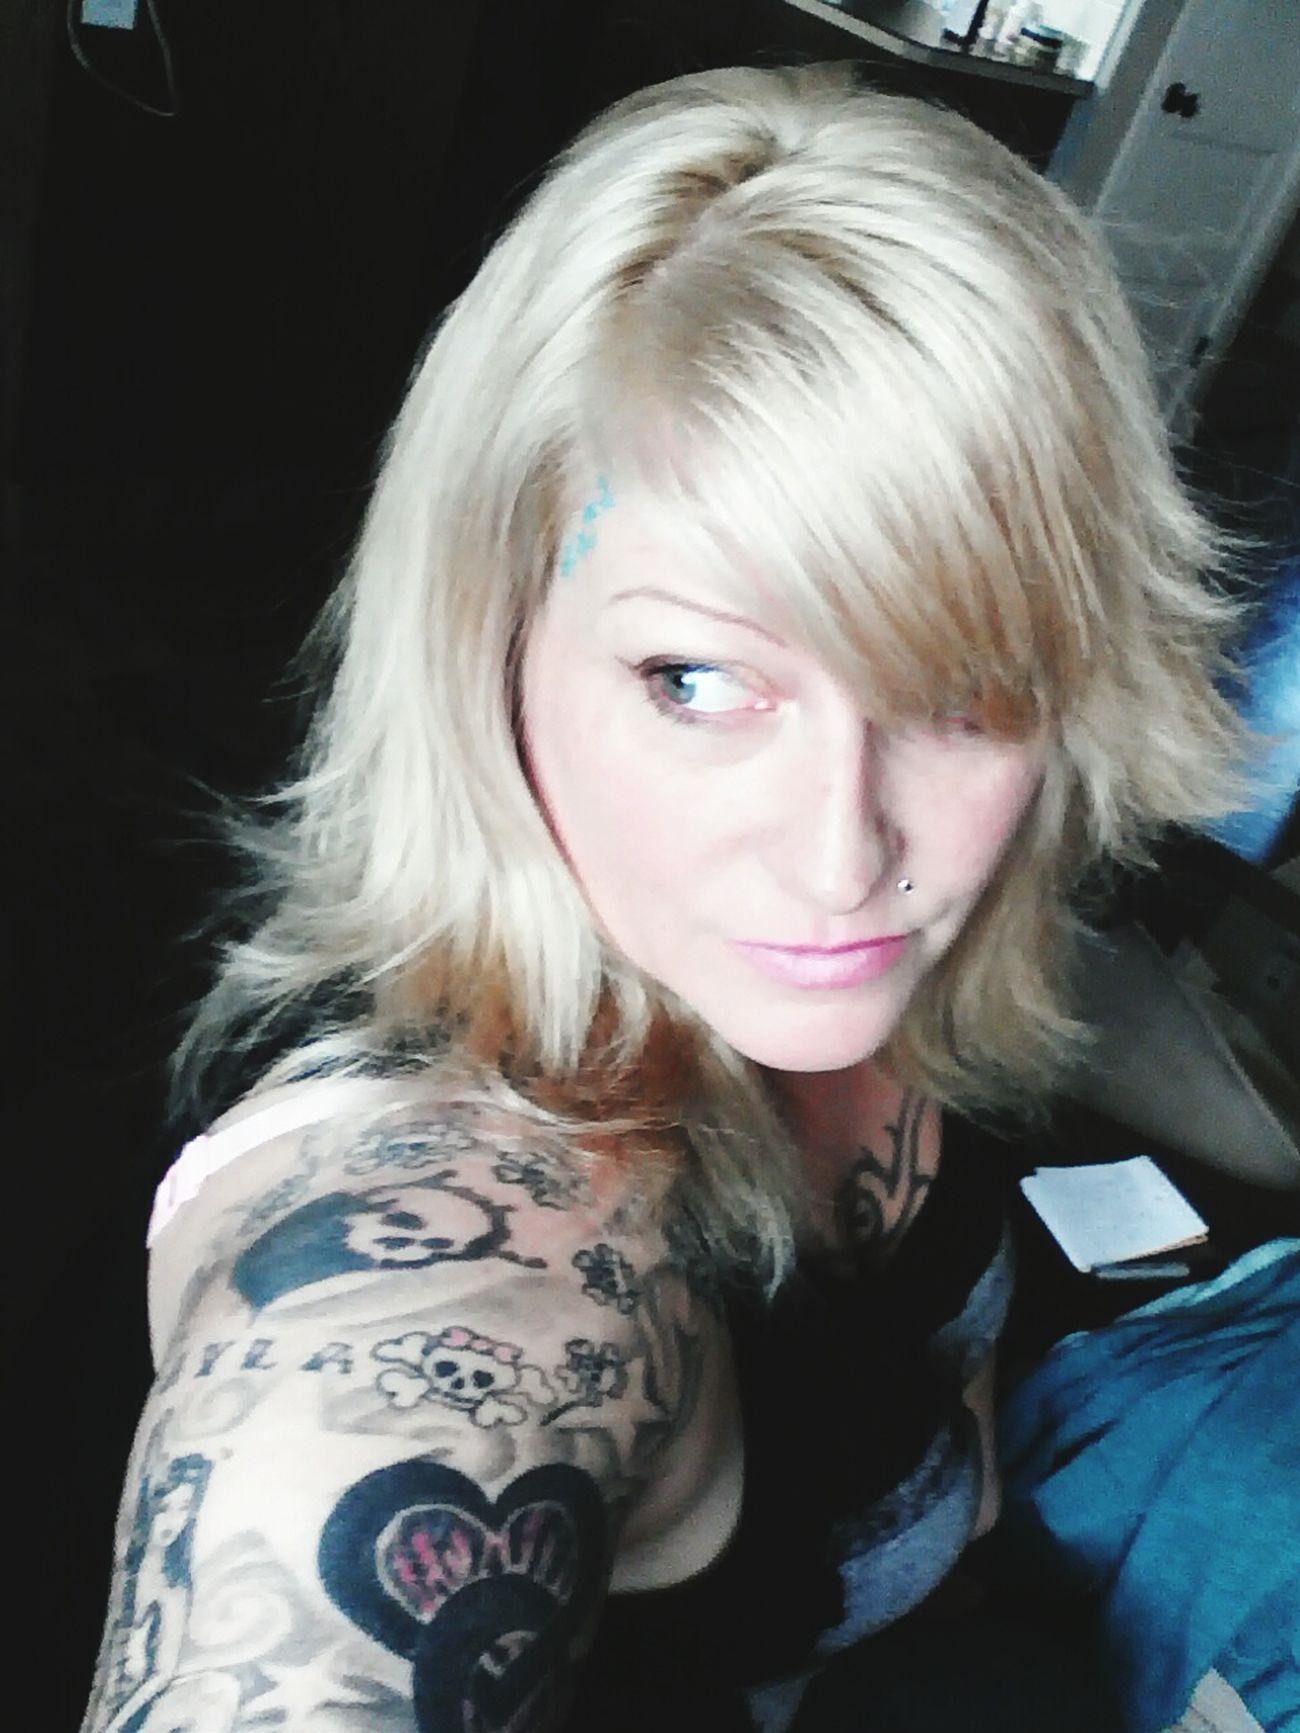 Blonde Hair Blondie Saturday First Eyeem Photo